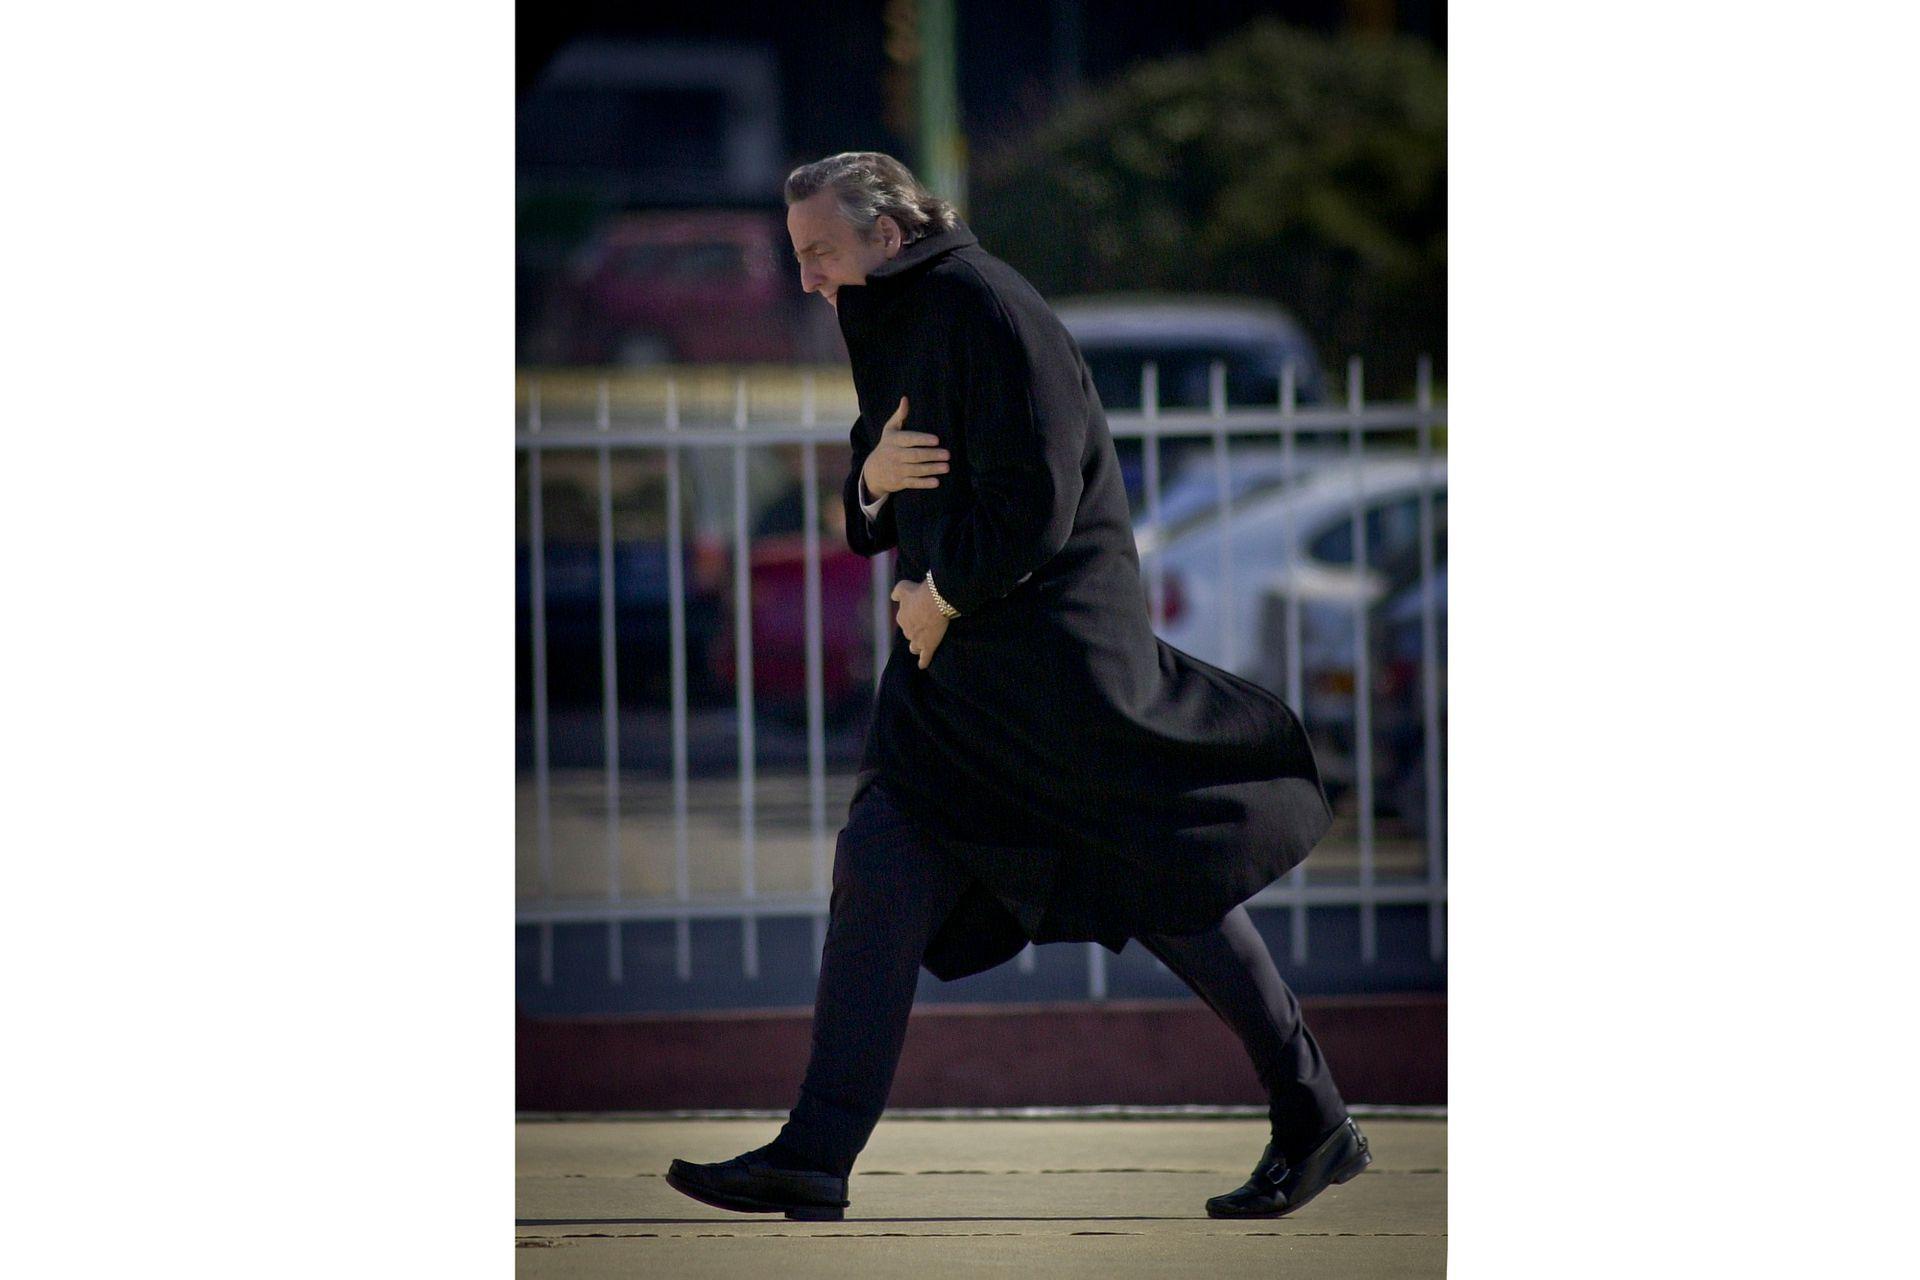 El presidente Néstor Kirchner, recuperado de una gripe, en el helipuerto presidencial el 31 de mayo de 2004